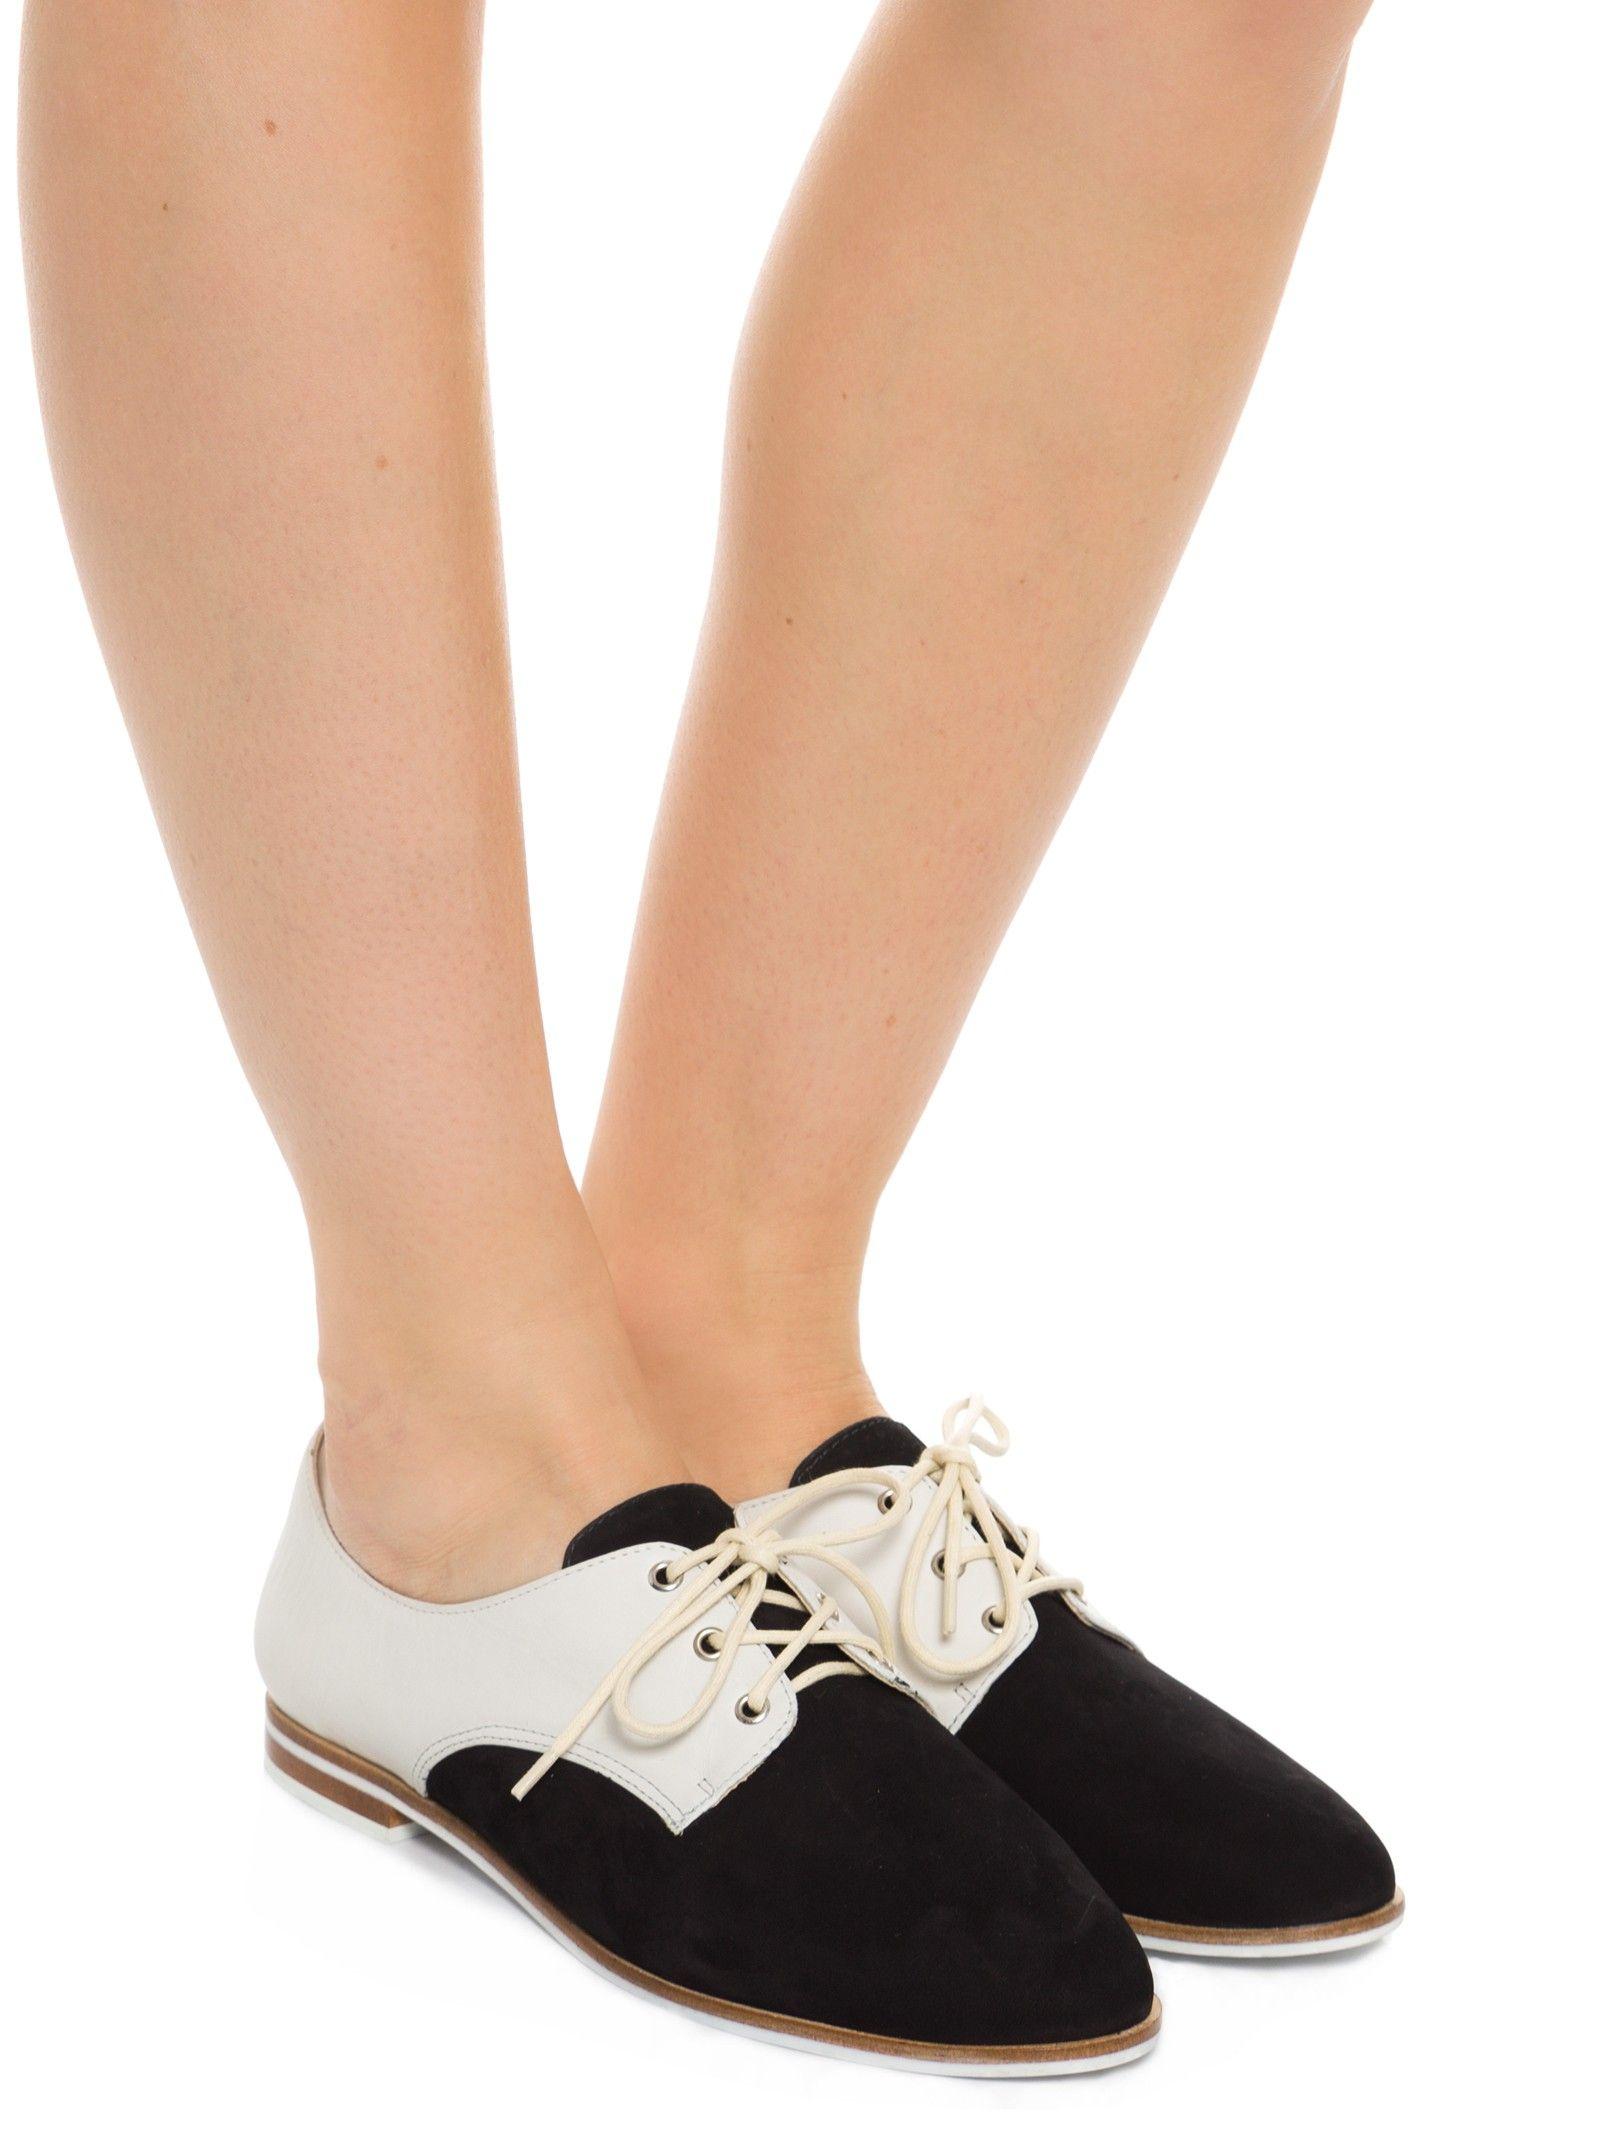 00047fdcd0 Sapato Fechado Salto Rasteiro Nobuck - Schutz - Preto e Branco - Shop2gether